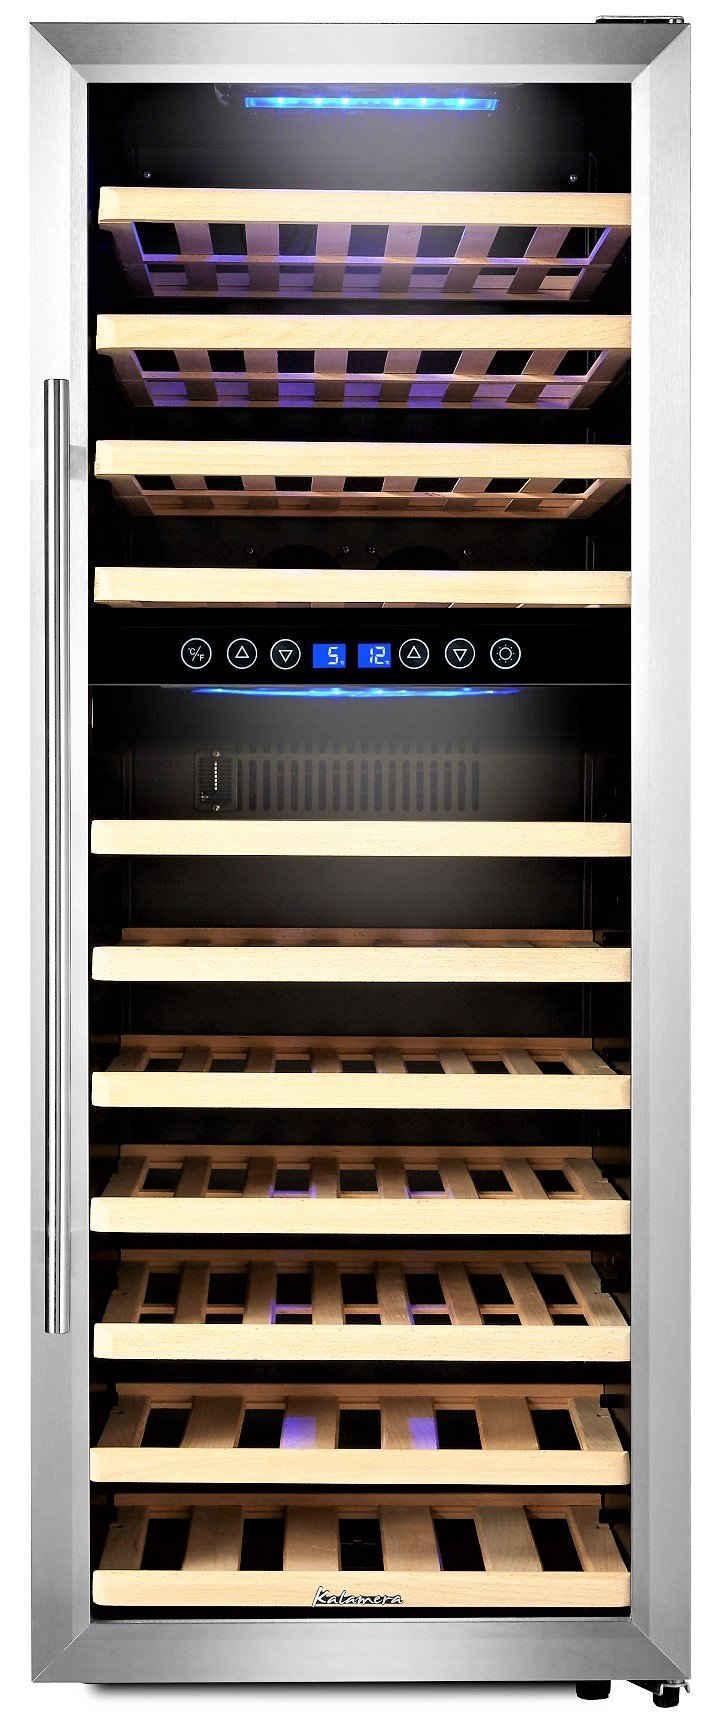 kalamera Weinkühlschrank KRC-73BSS, für 73 Standardflaschen á 0,75l,2 zonen,5-10°C/10-18°C,LED Display, Edelstahl Glastür